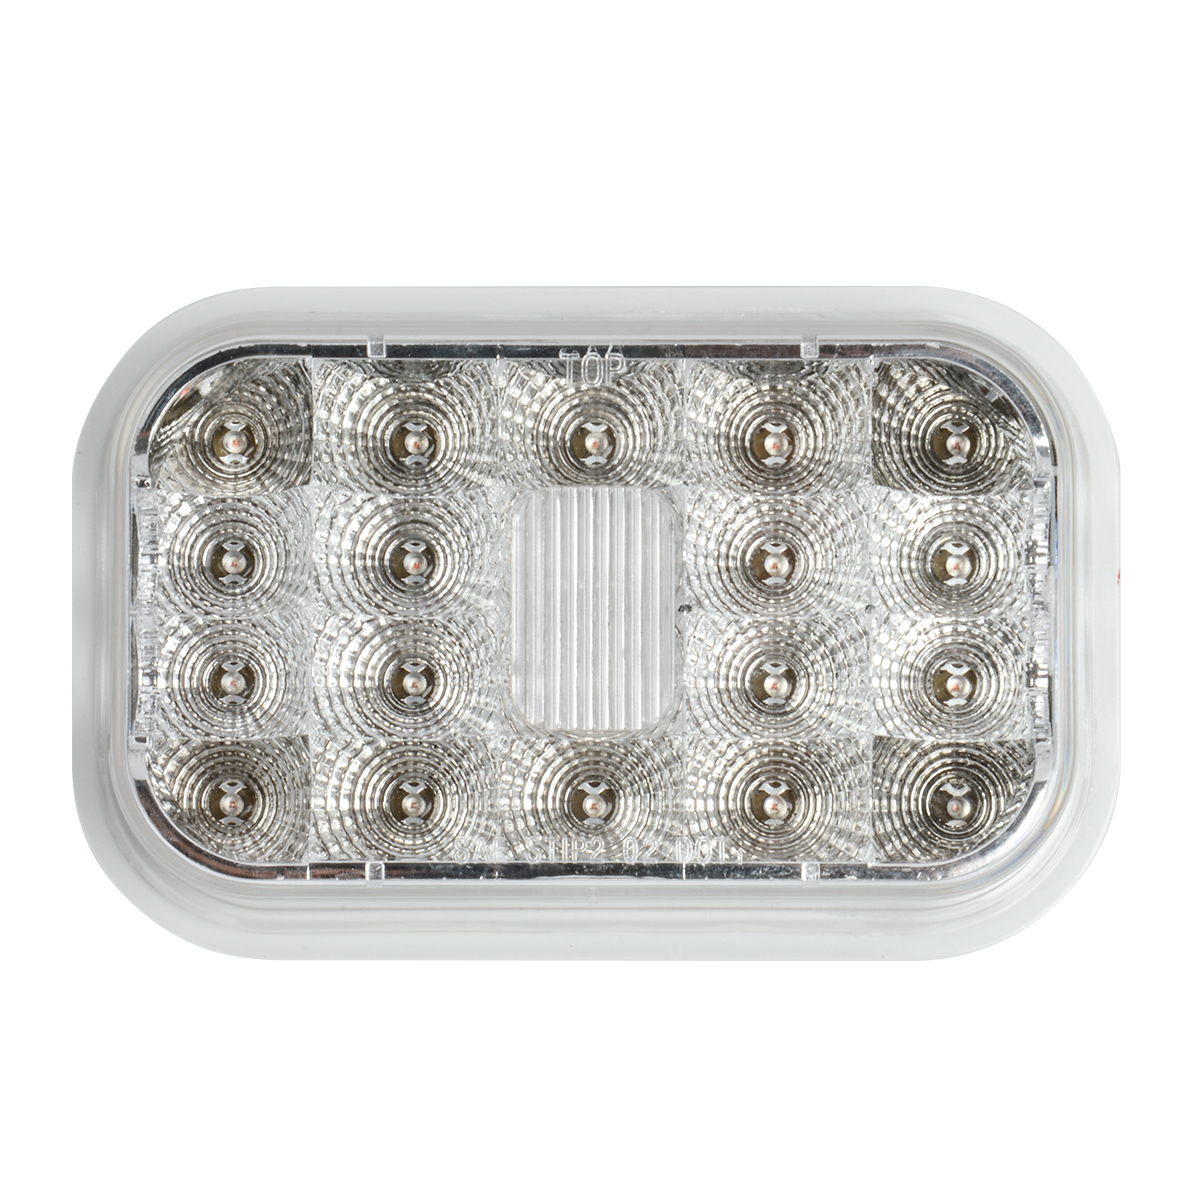 High Profile Rectangular Spyder LED Light in Clear Lens